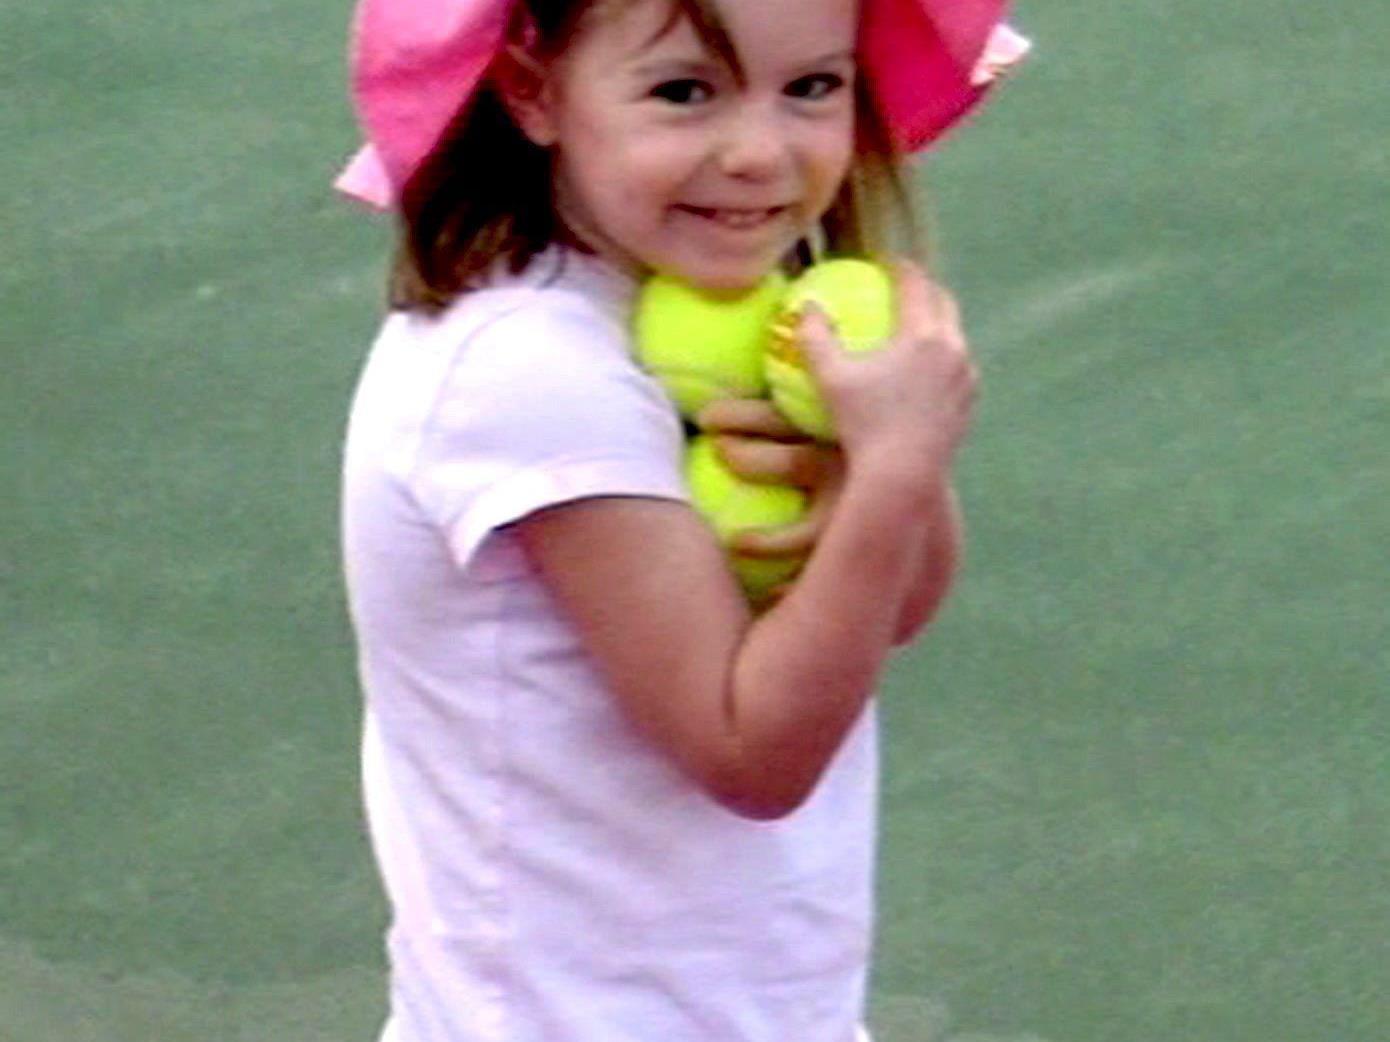 Die kleine Maddie war 2007 im Alter von drei Jahren aus einer Ferienanlage im portugiesischen Praia da Luz verschwunden.